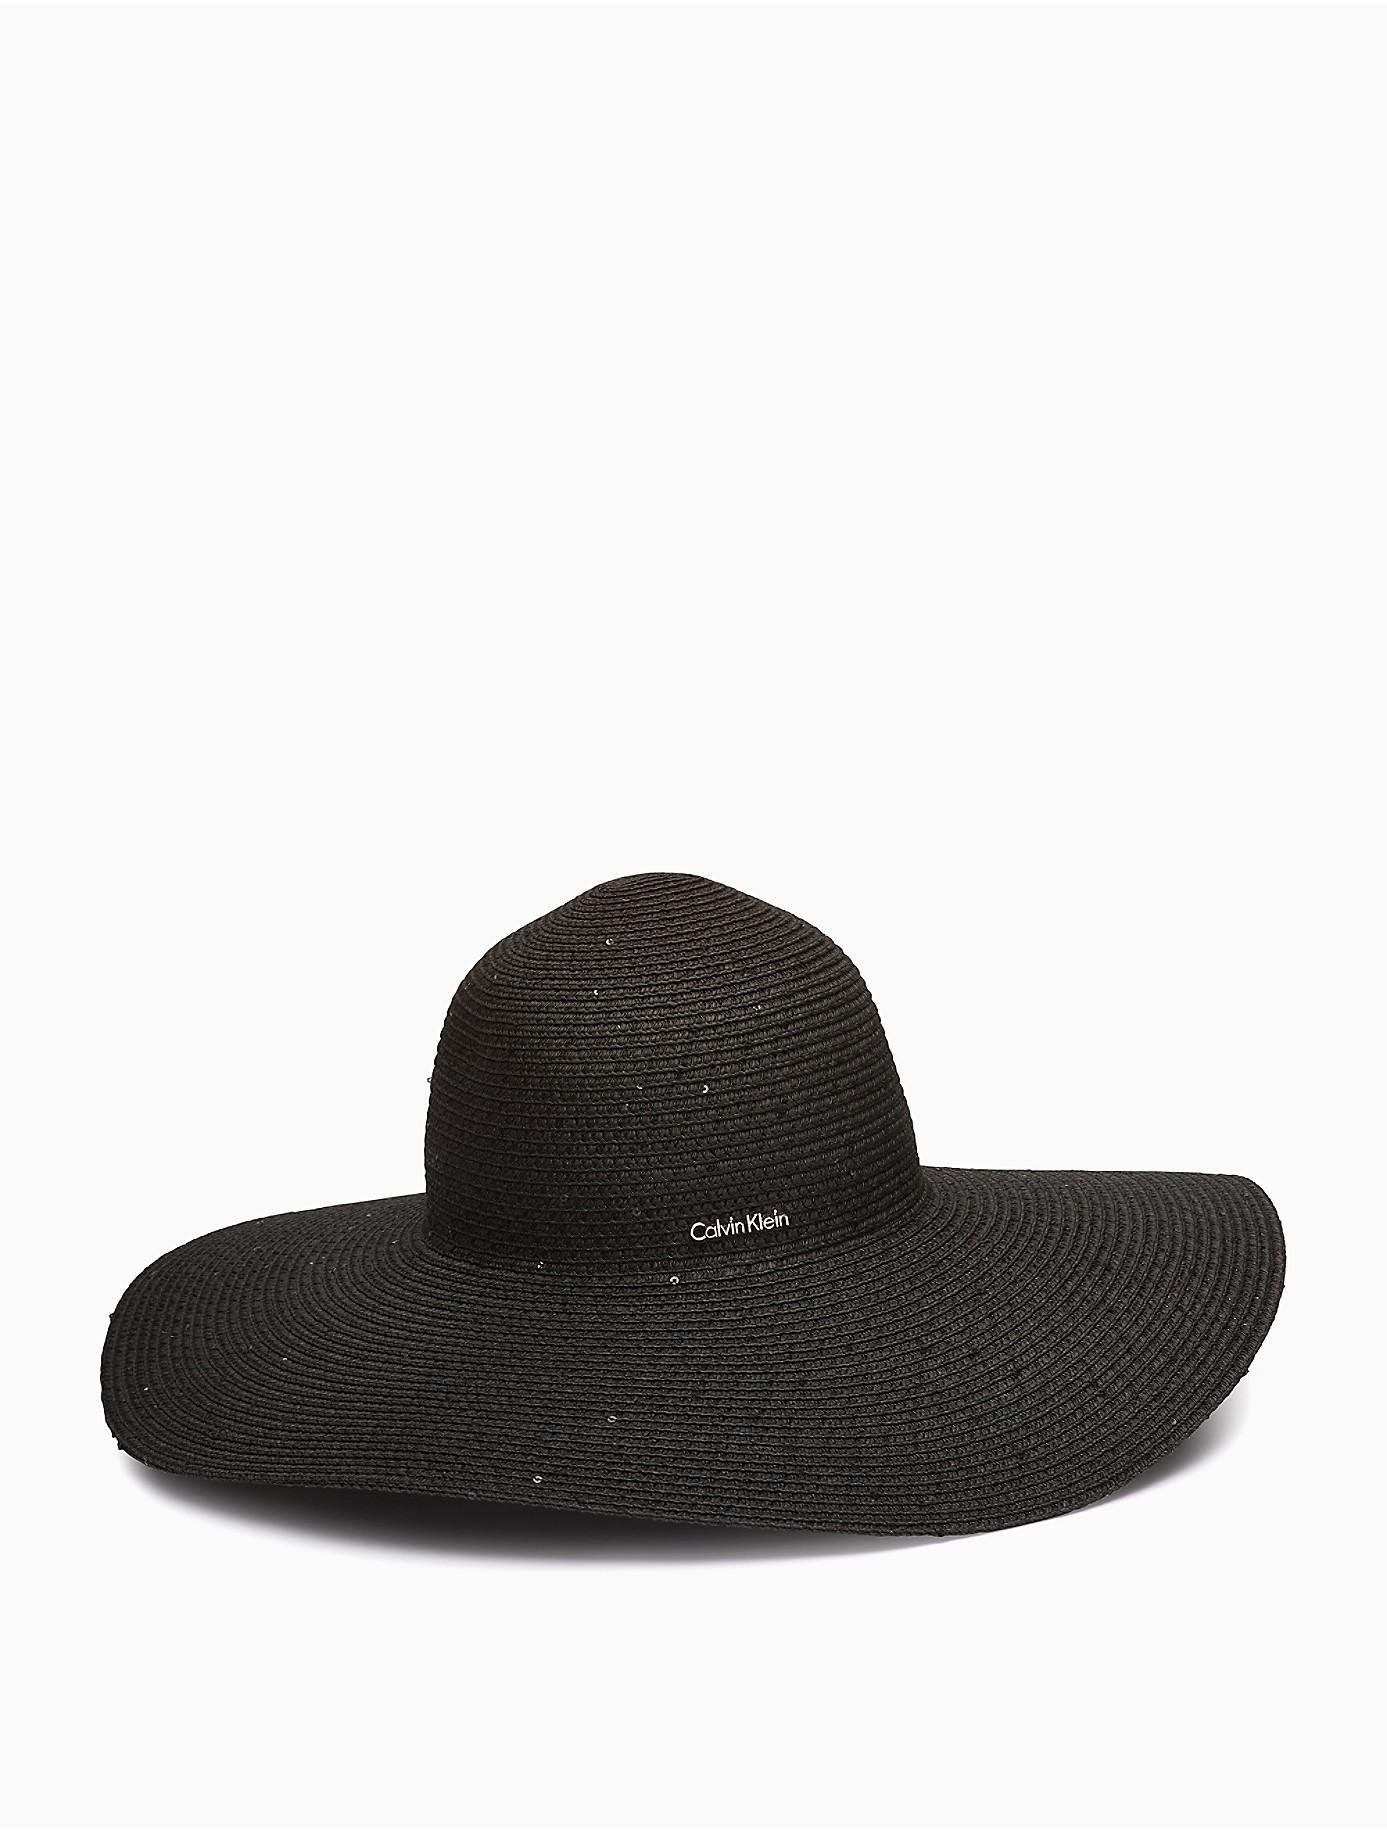 4038aa68 Lyst - Calvin Klein 205W39Nyc Sequin Straw Sun Hat in Black